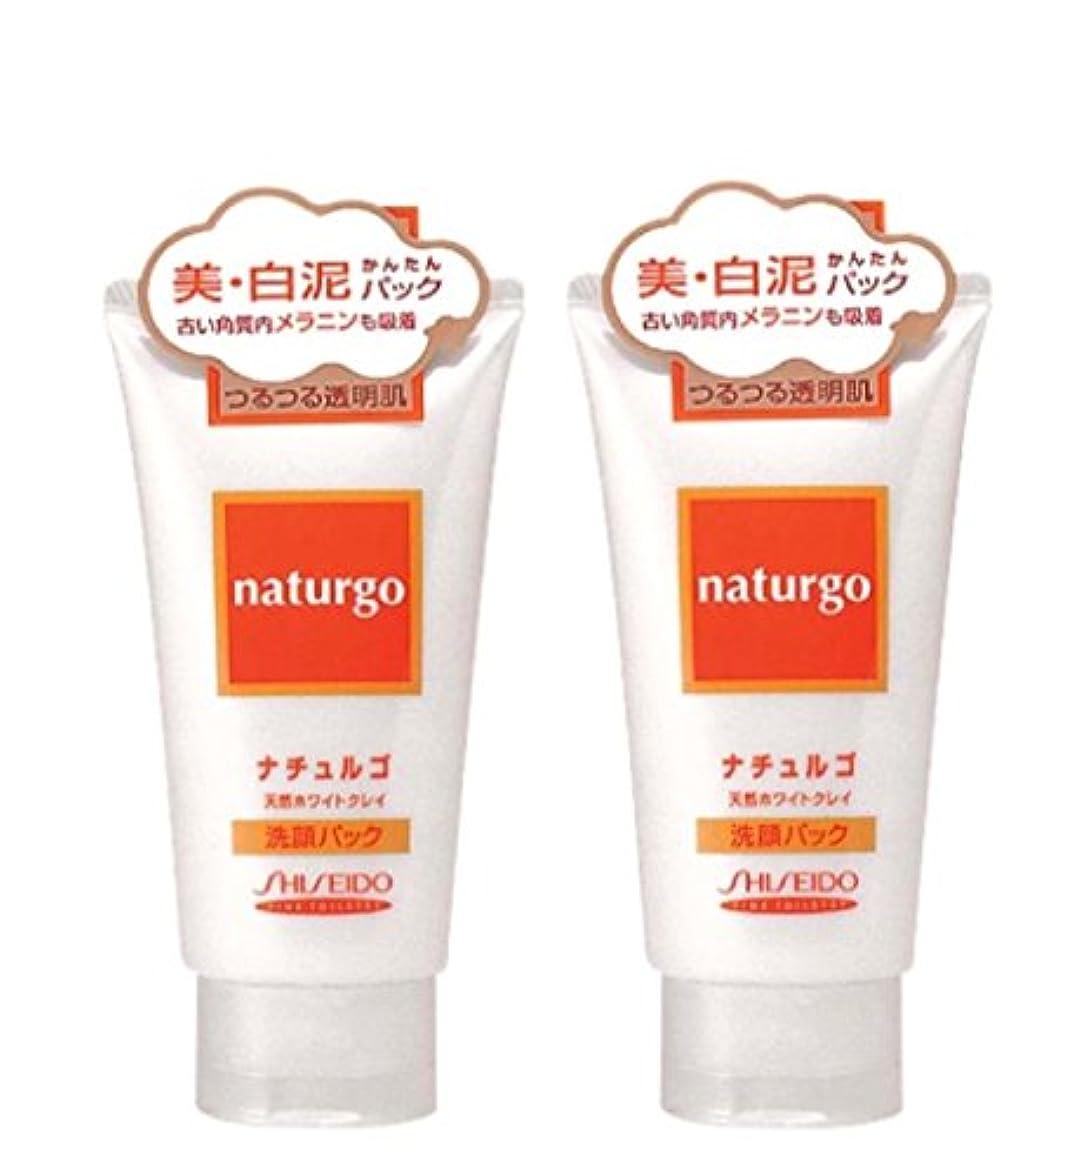 また明日ねコーンかんたん【まとめ買い】ナチュルゴ 天然ホワイトクレイ洗顔パック 120g ×2セット